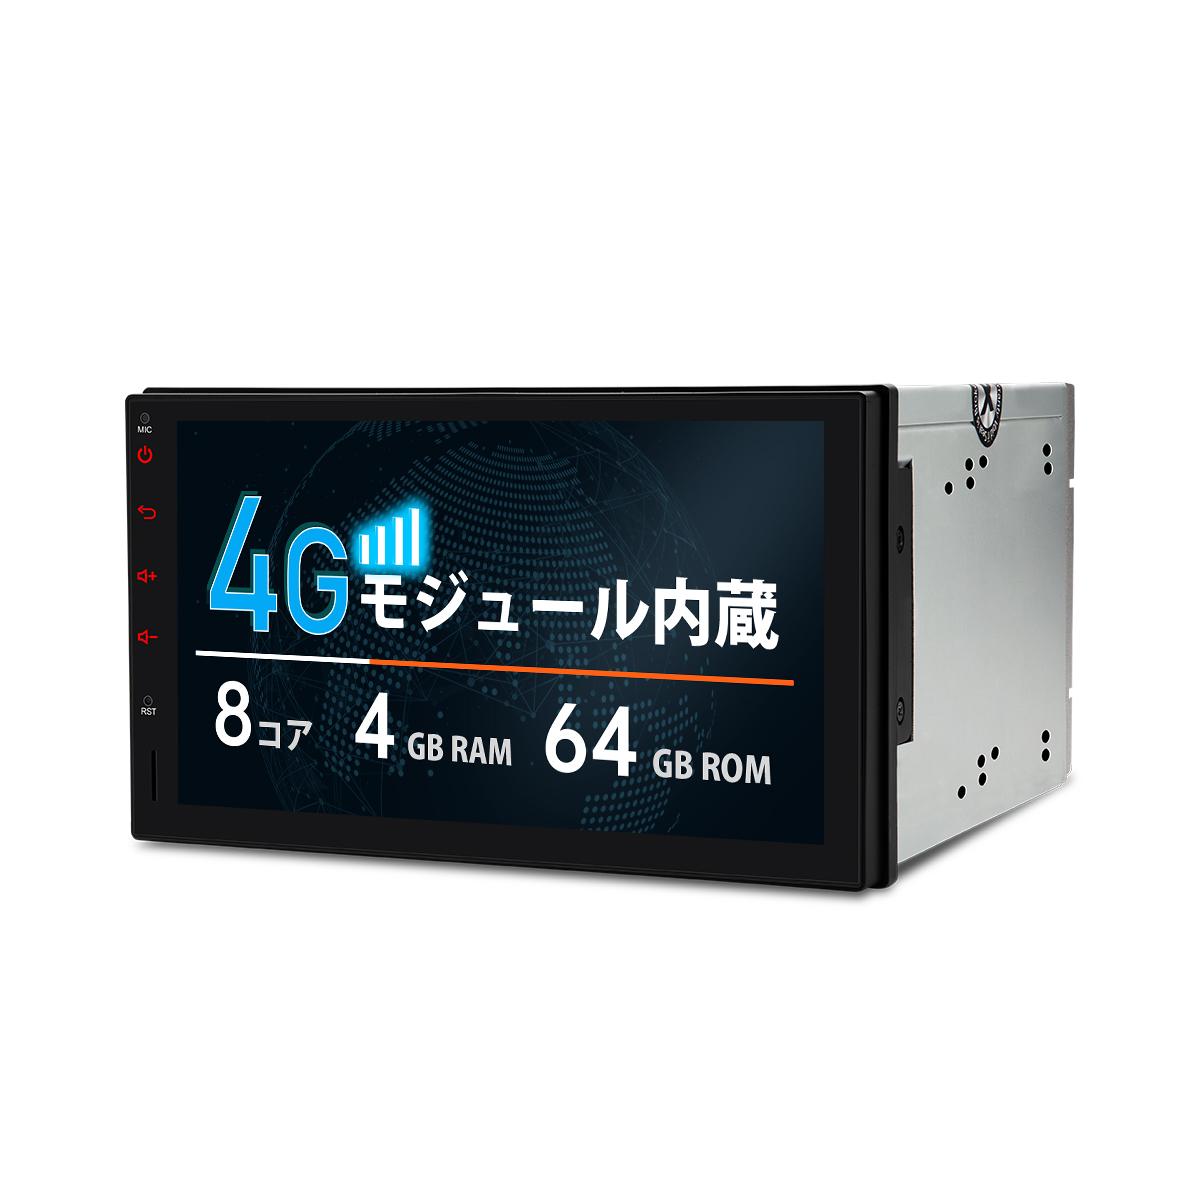 4G LTE通信モジュール内蔵 Carautoplay機能搭載カーオーディオ XTRONS カーナビ 4G通信対応 2DIN 8コア Android10.0 車載PC 7インチ auto対応 4GB+64GB WiFi カーオーディオ Bluetooth android SALE開催中 TMA701L iPhone対応 DSP マルチウインドウ 未使用品